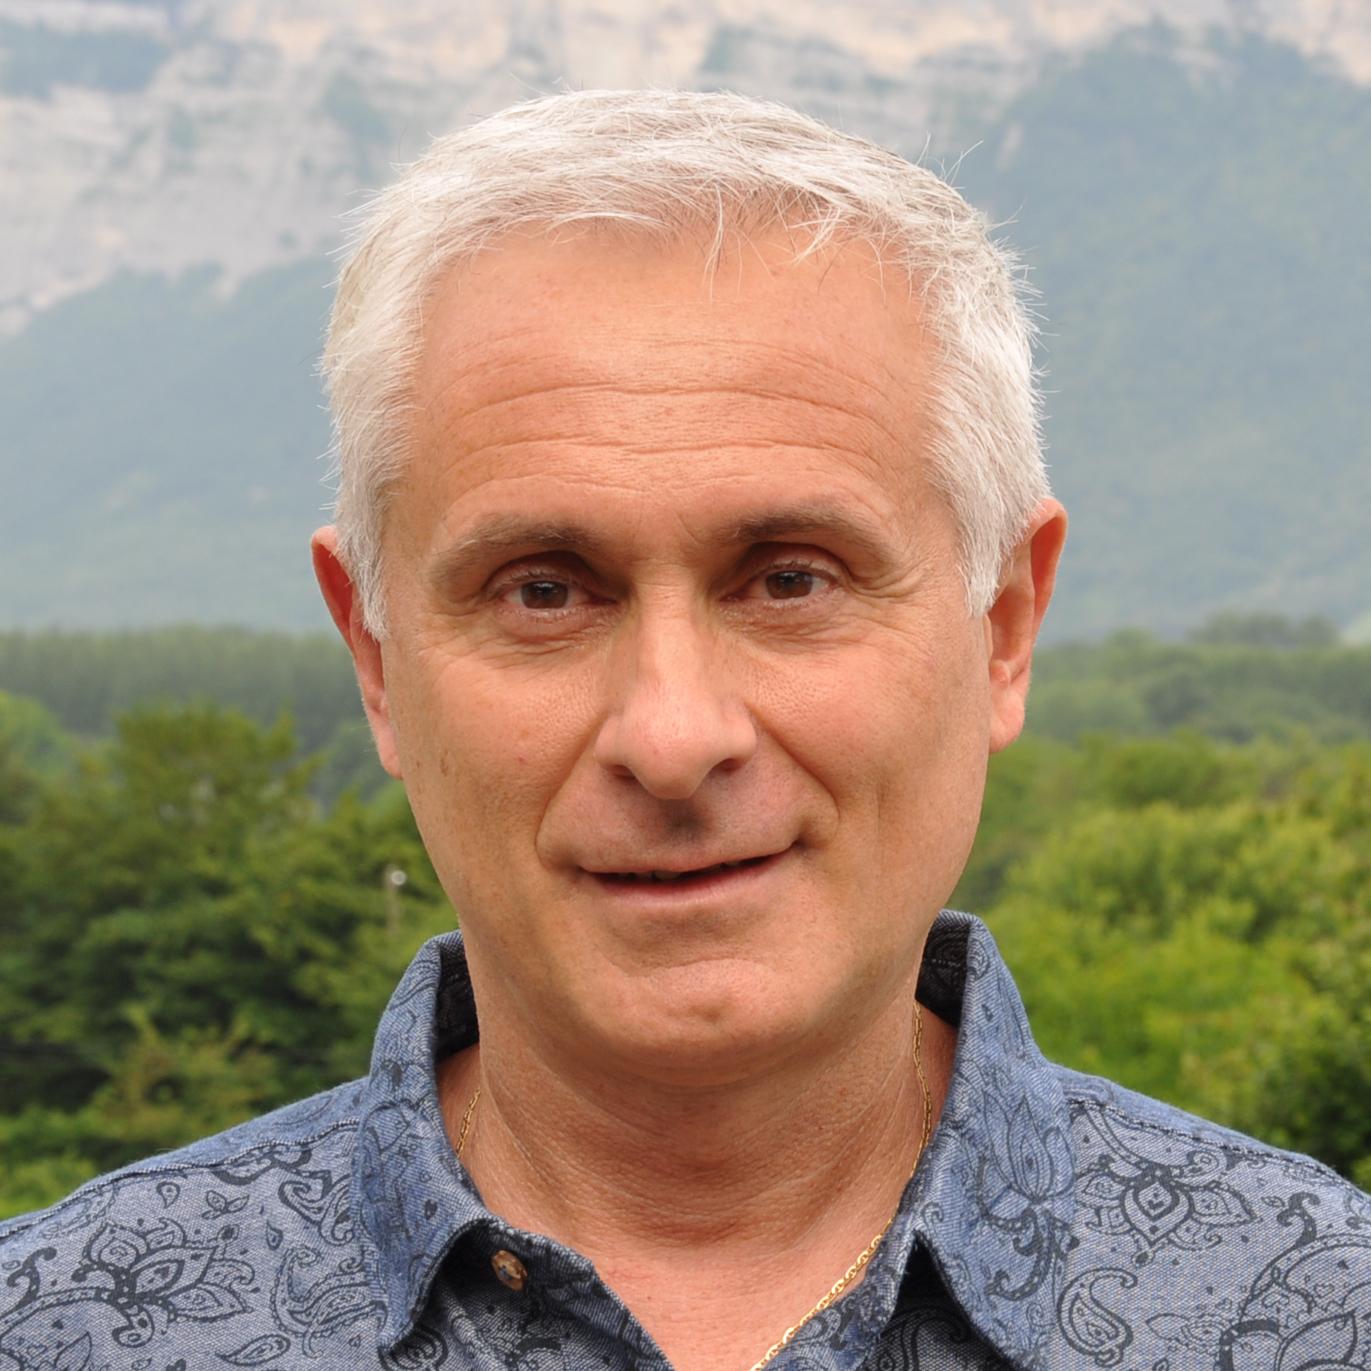 Patrick Galan